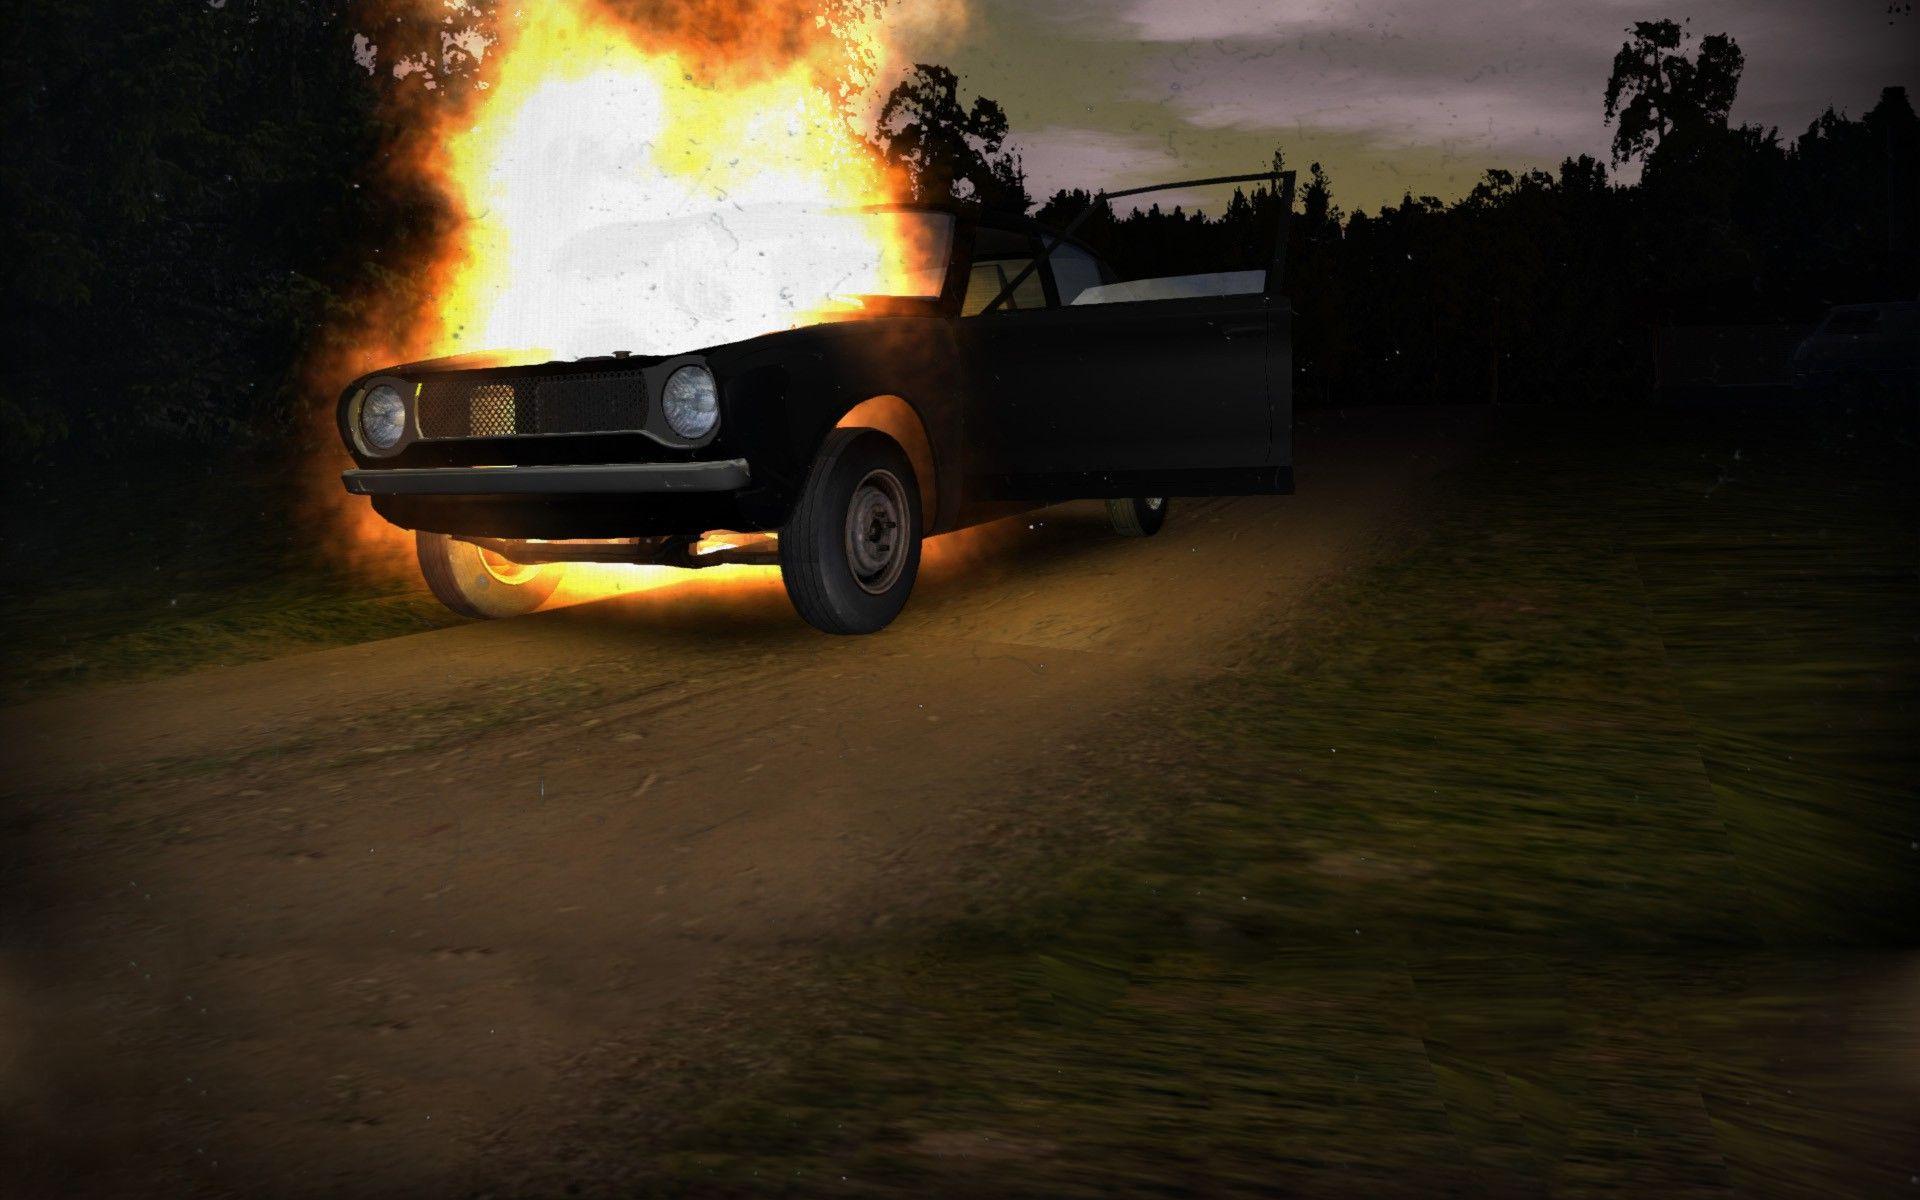 my-summer-car-steam-cd-key-satin-al-durmaplay.jpg